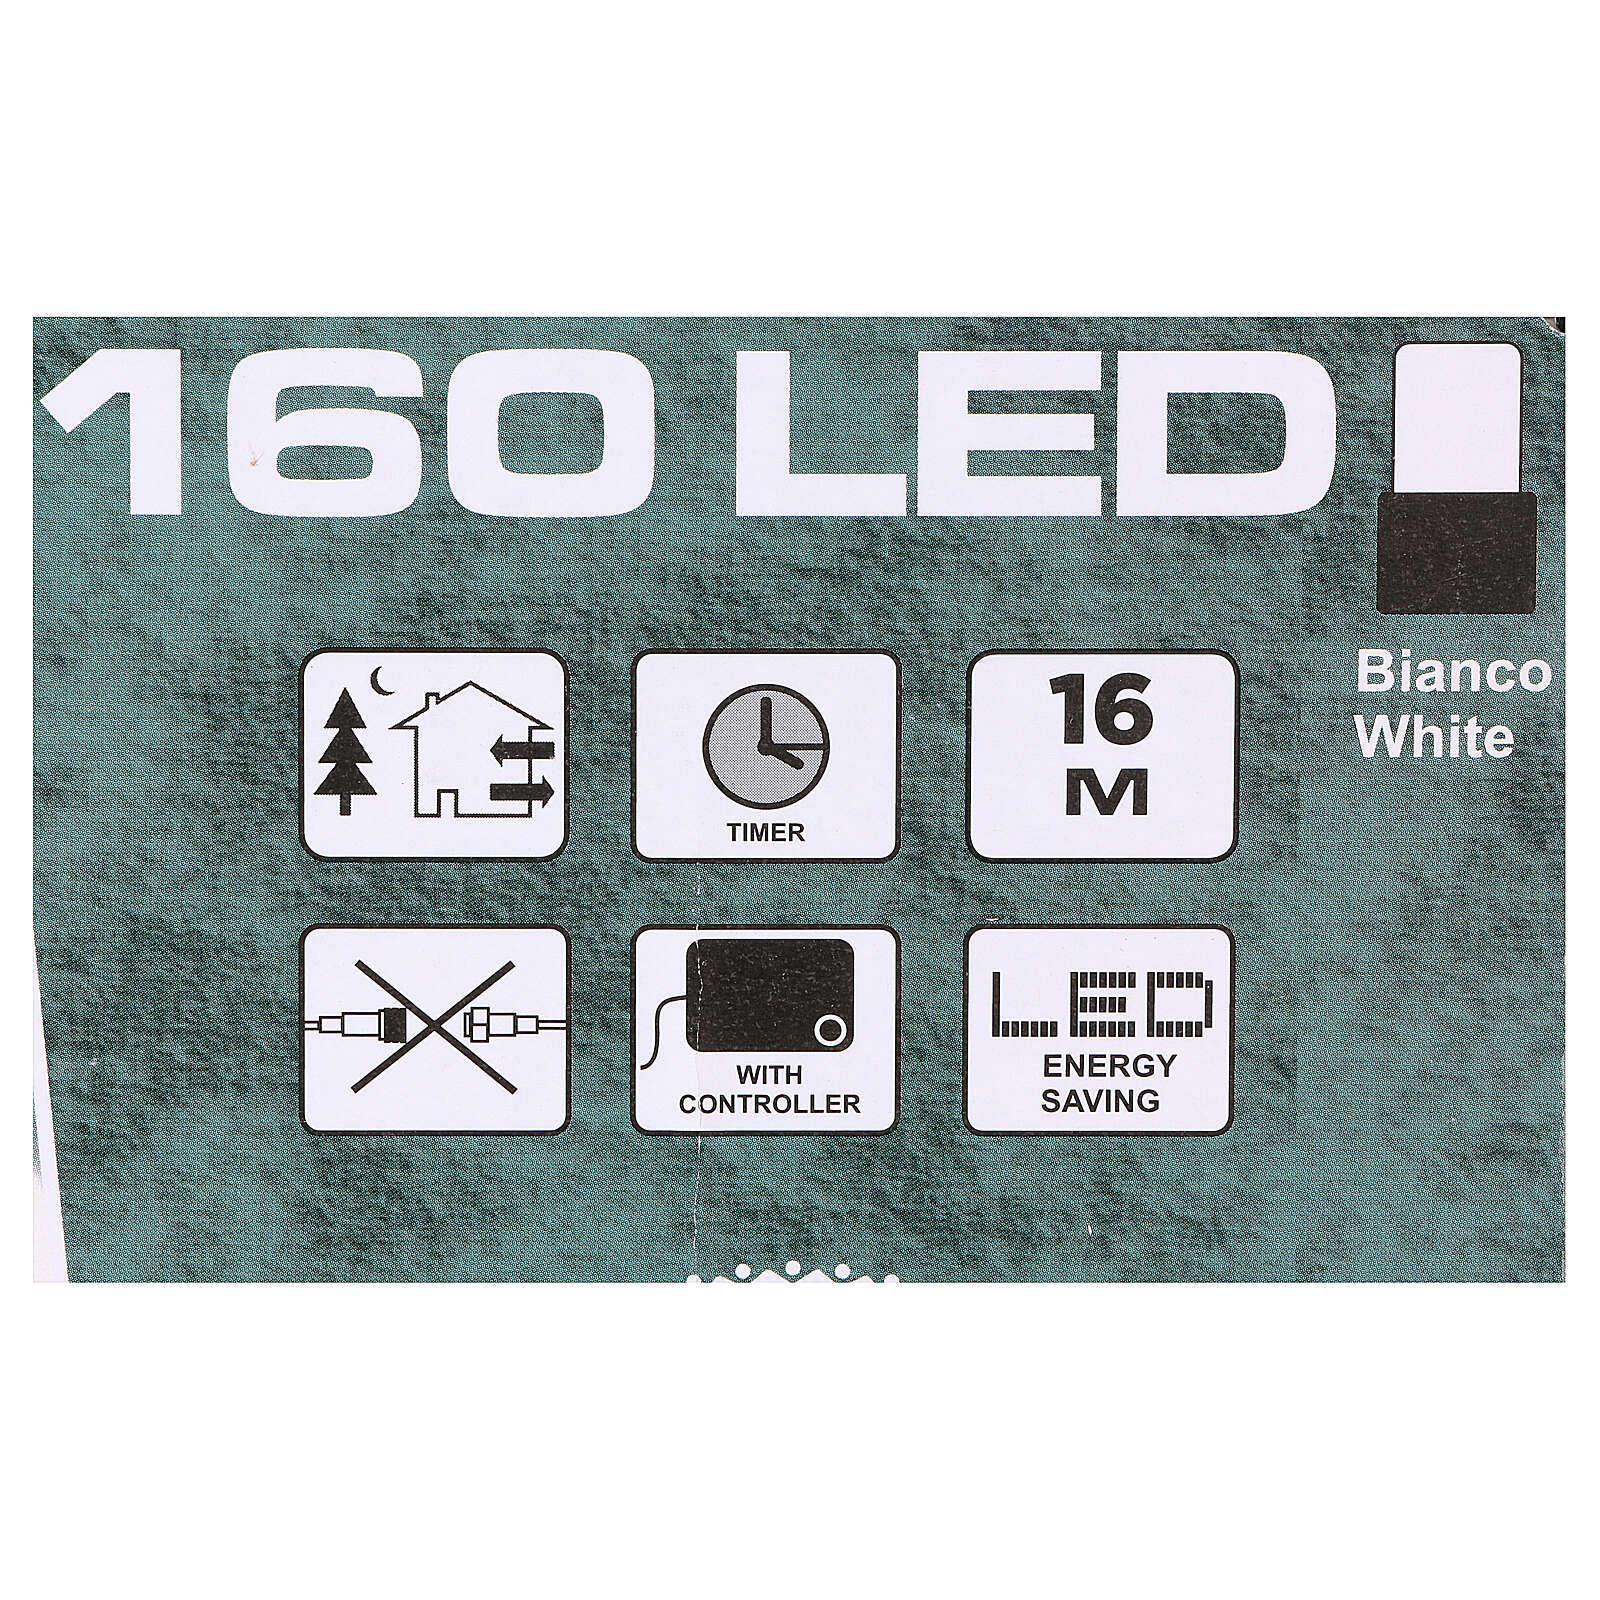 Luz de Navidad cadena 160 led blancos exterior batería 16 m 4